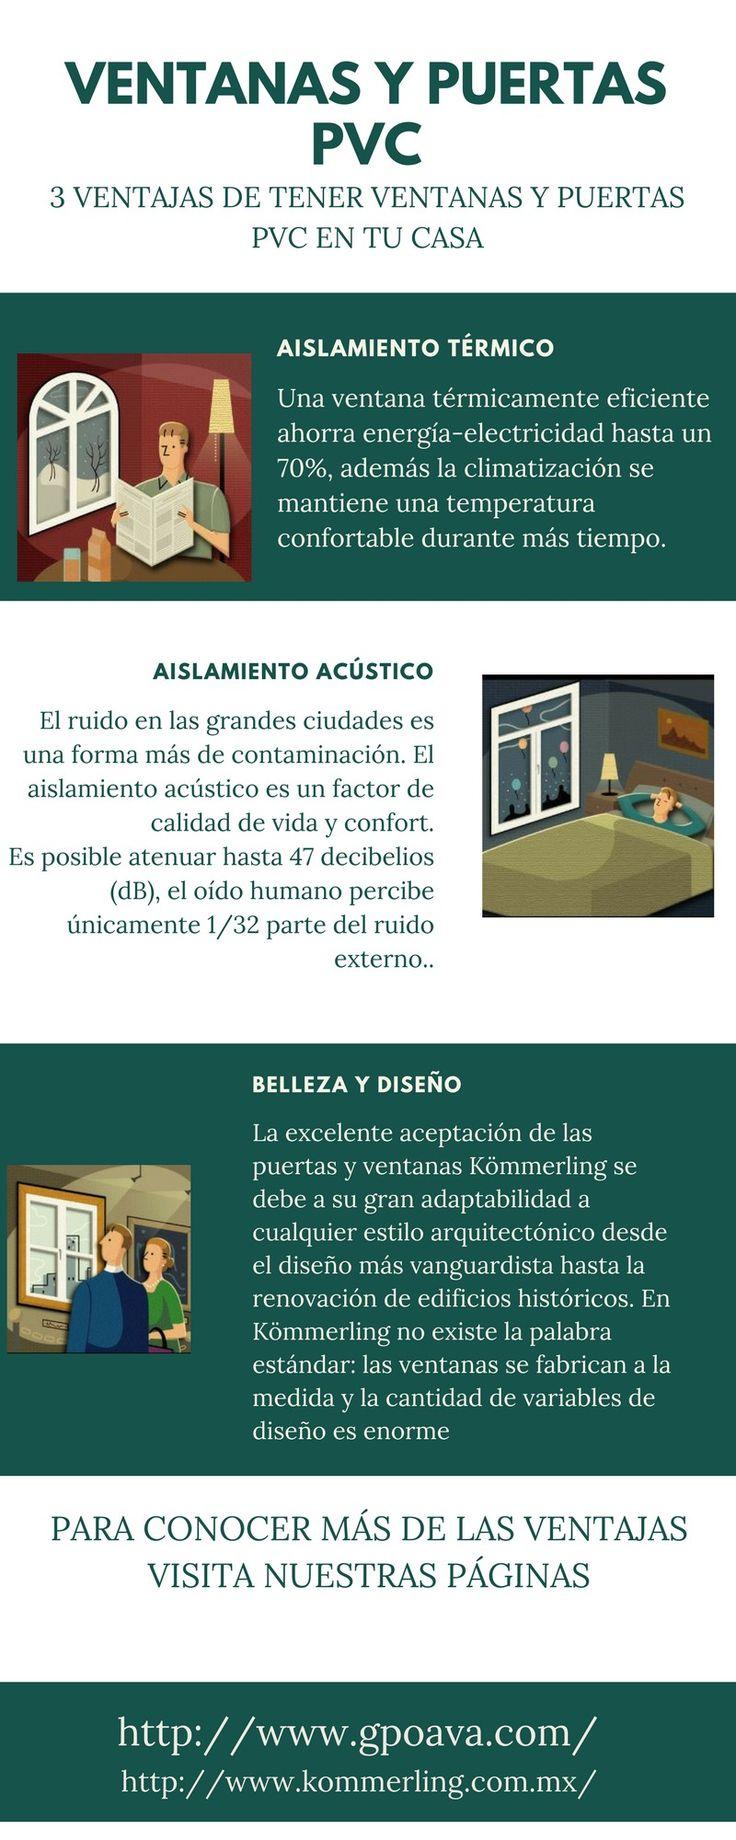 Ventas y puertas PVC www.gpoava.com